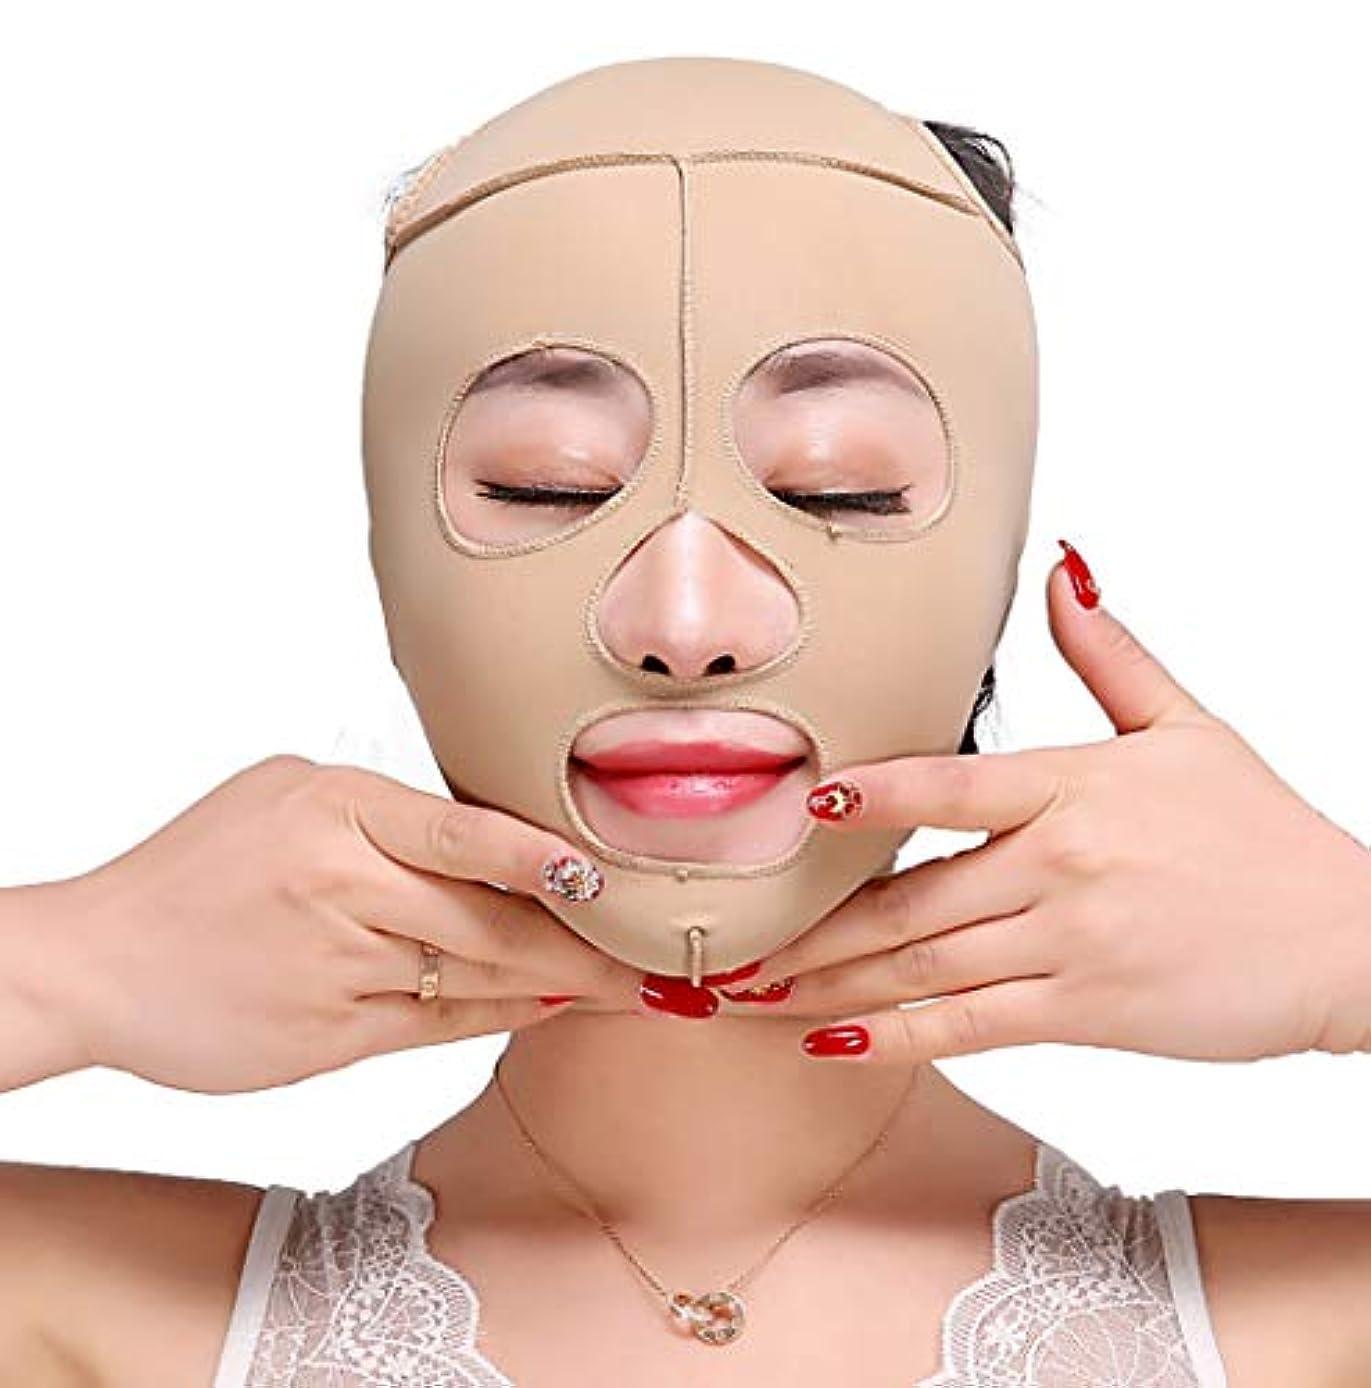 GLJJQMY 痩身ベルト痩身ベルト薄い顔の包帯小V顔の顔の薄い顔のマスク包帯の強化引き締めV顔美容マスク小さな顔の包帯の頭飾り修正顔の形 顔用整形マスク (Size : M)